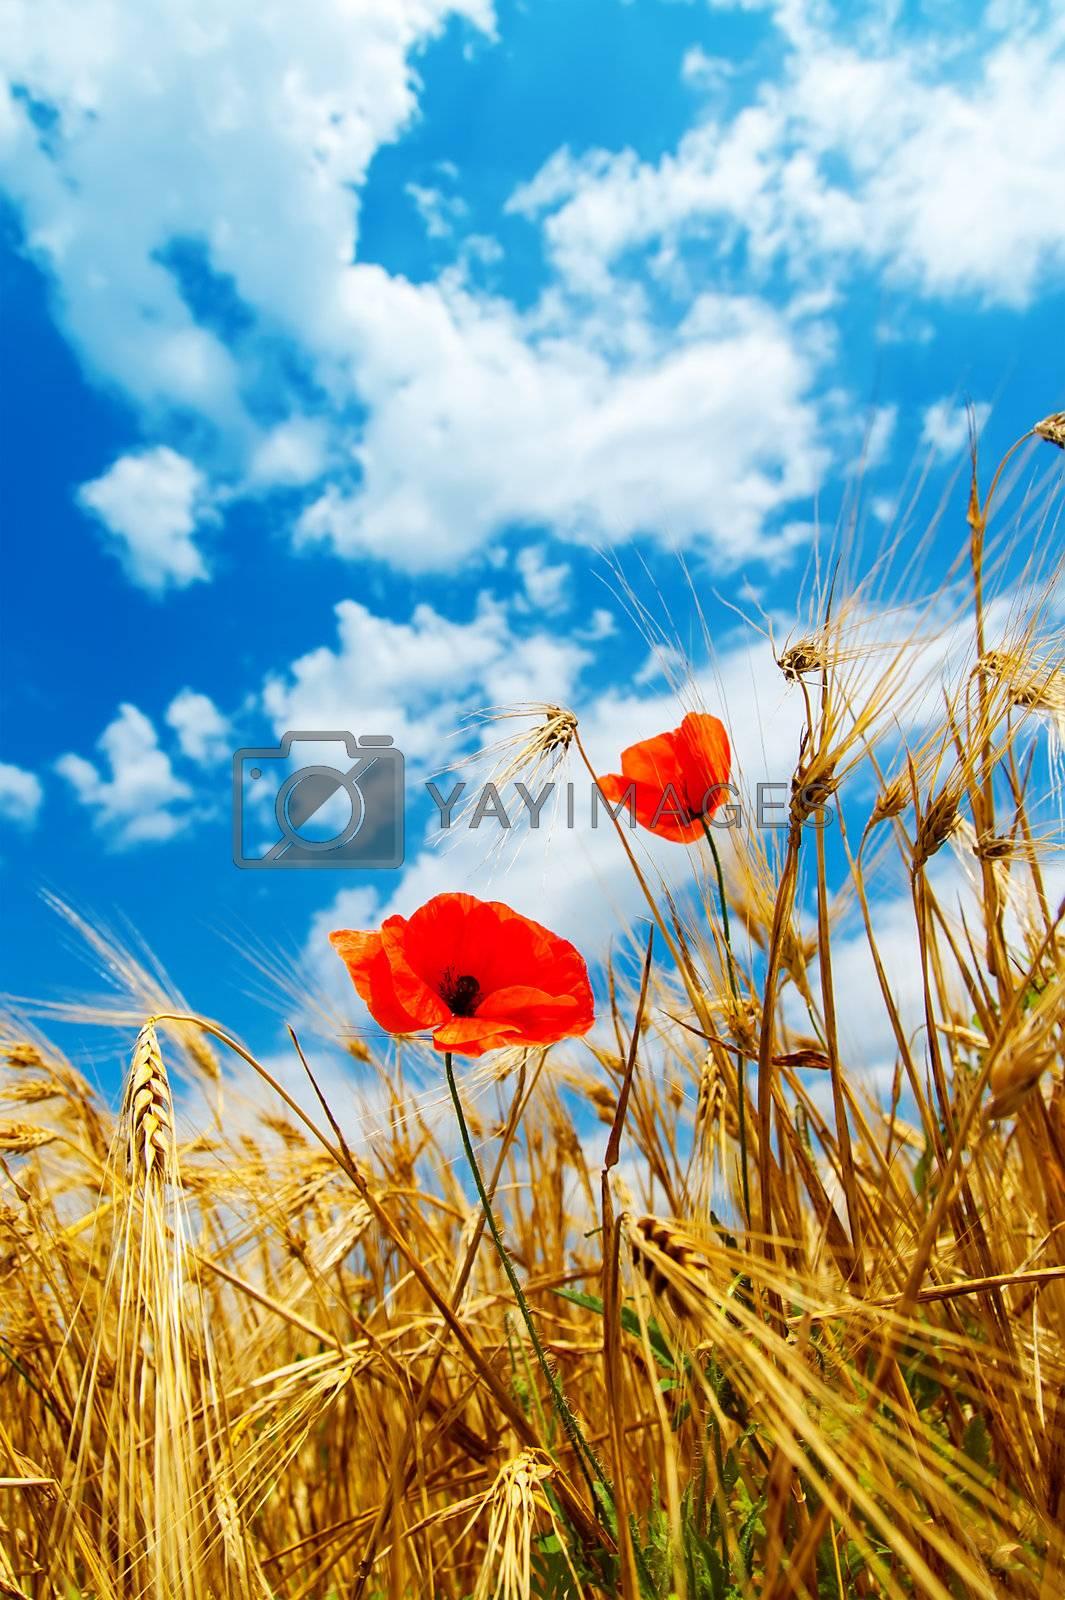 red poppy in golden field